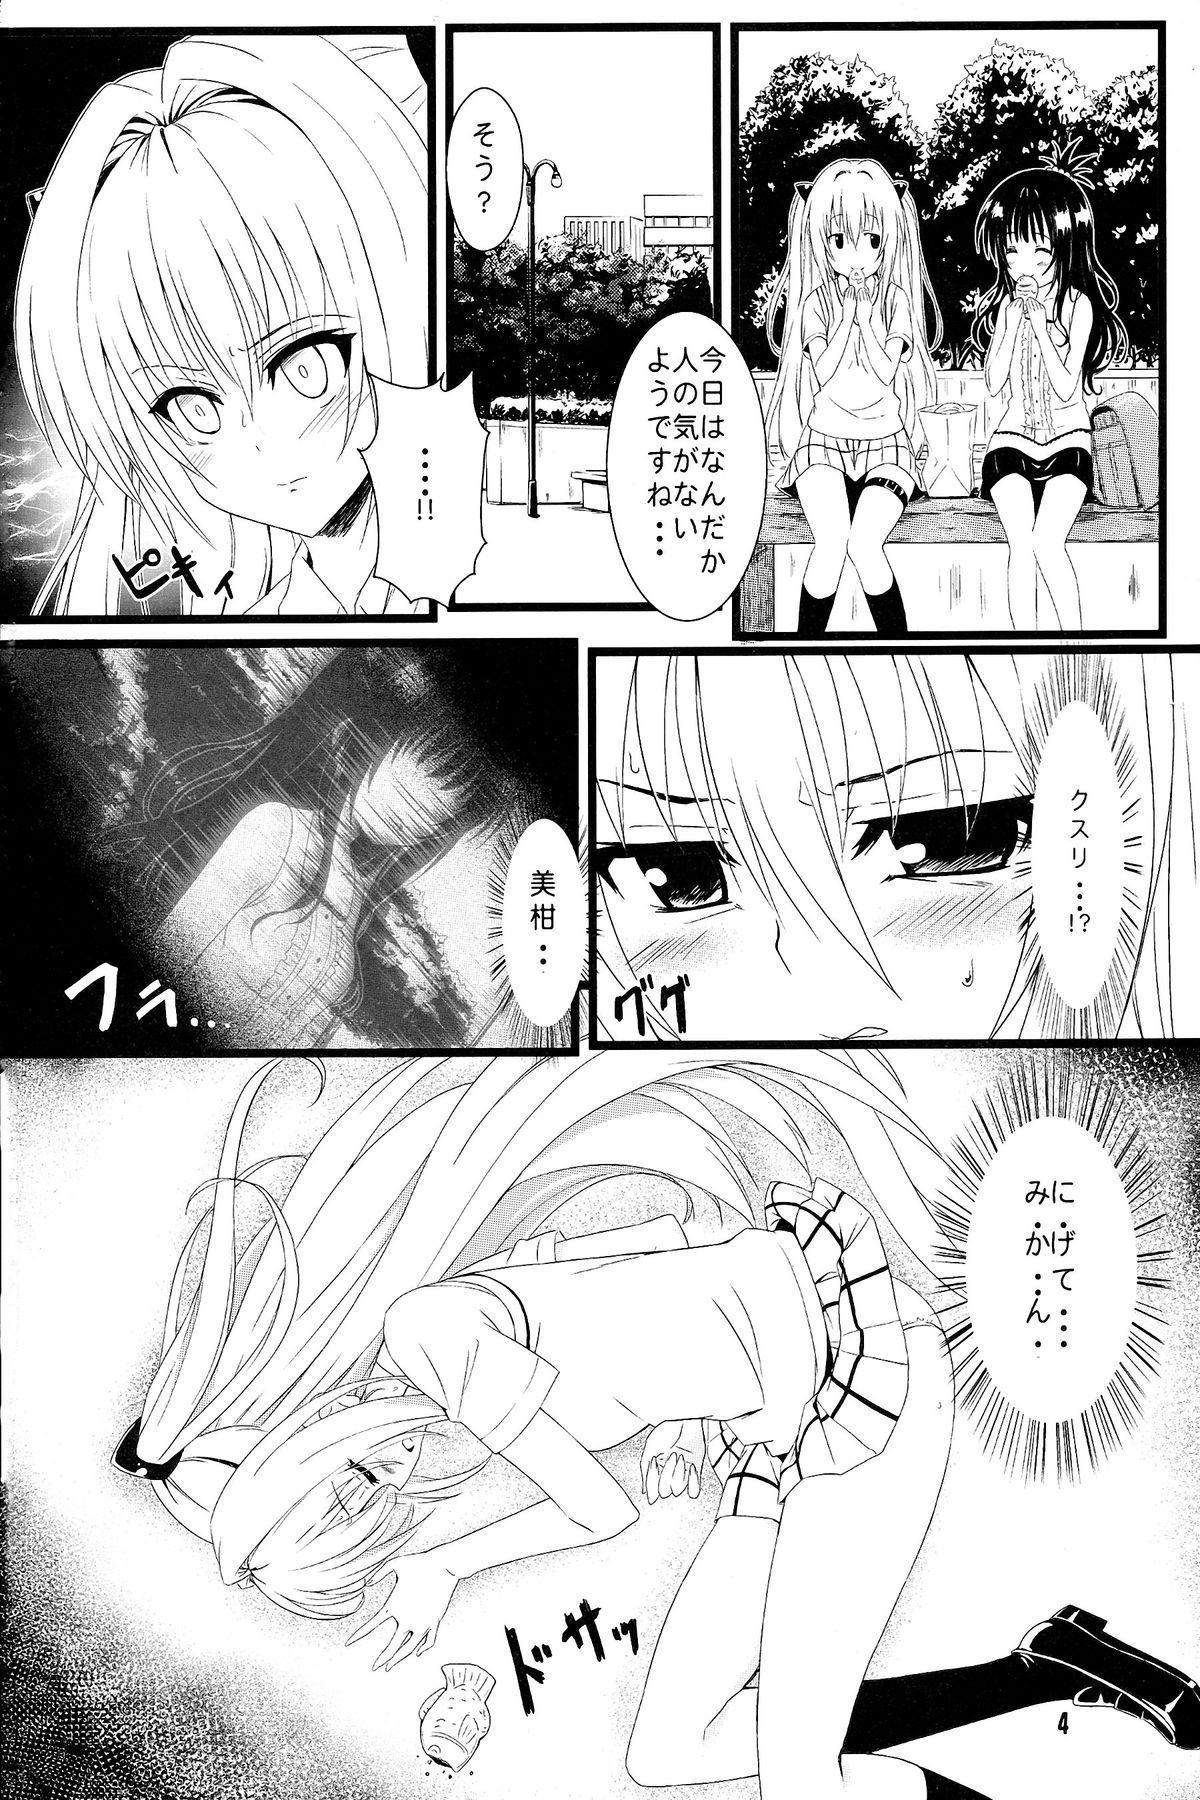 Yami no Yami. 3